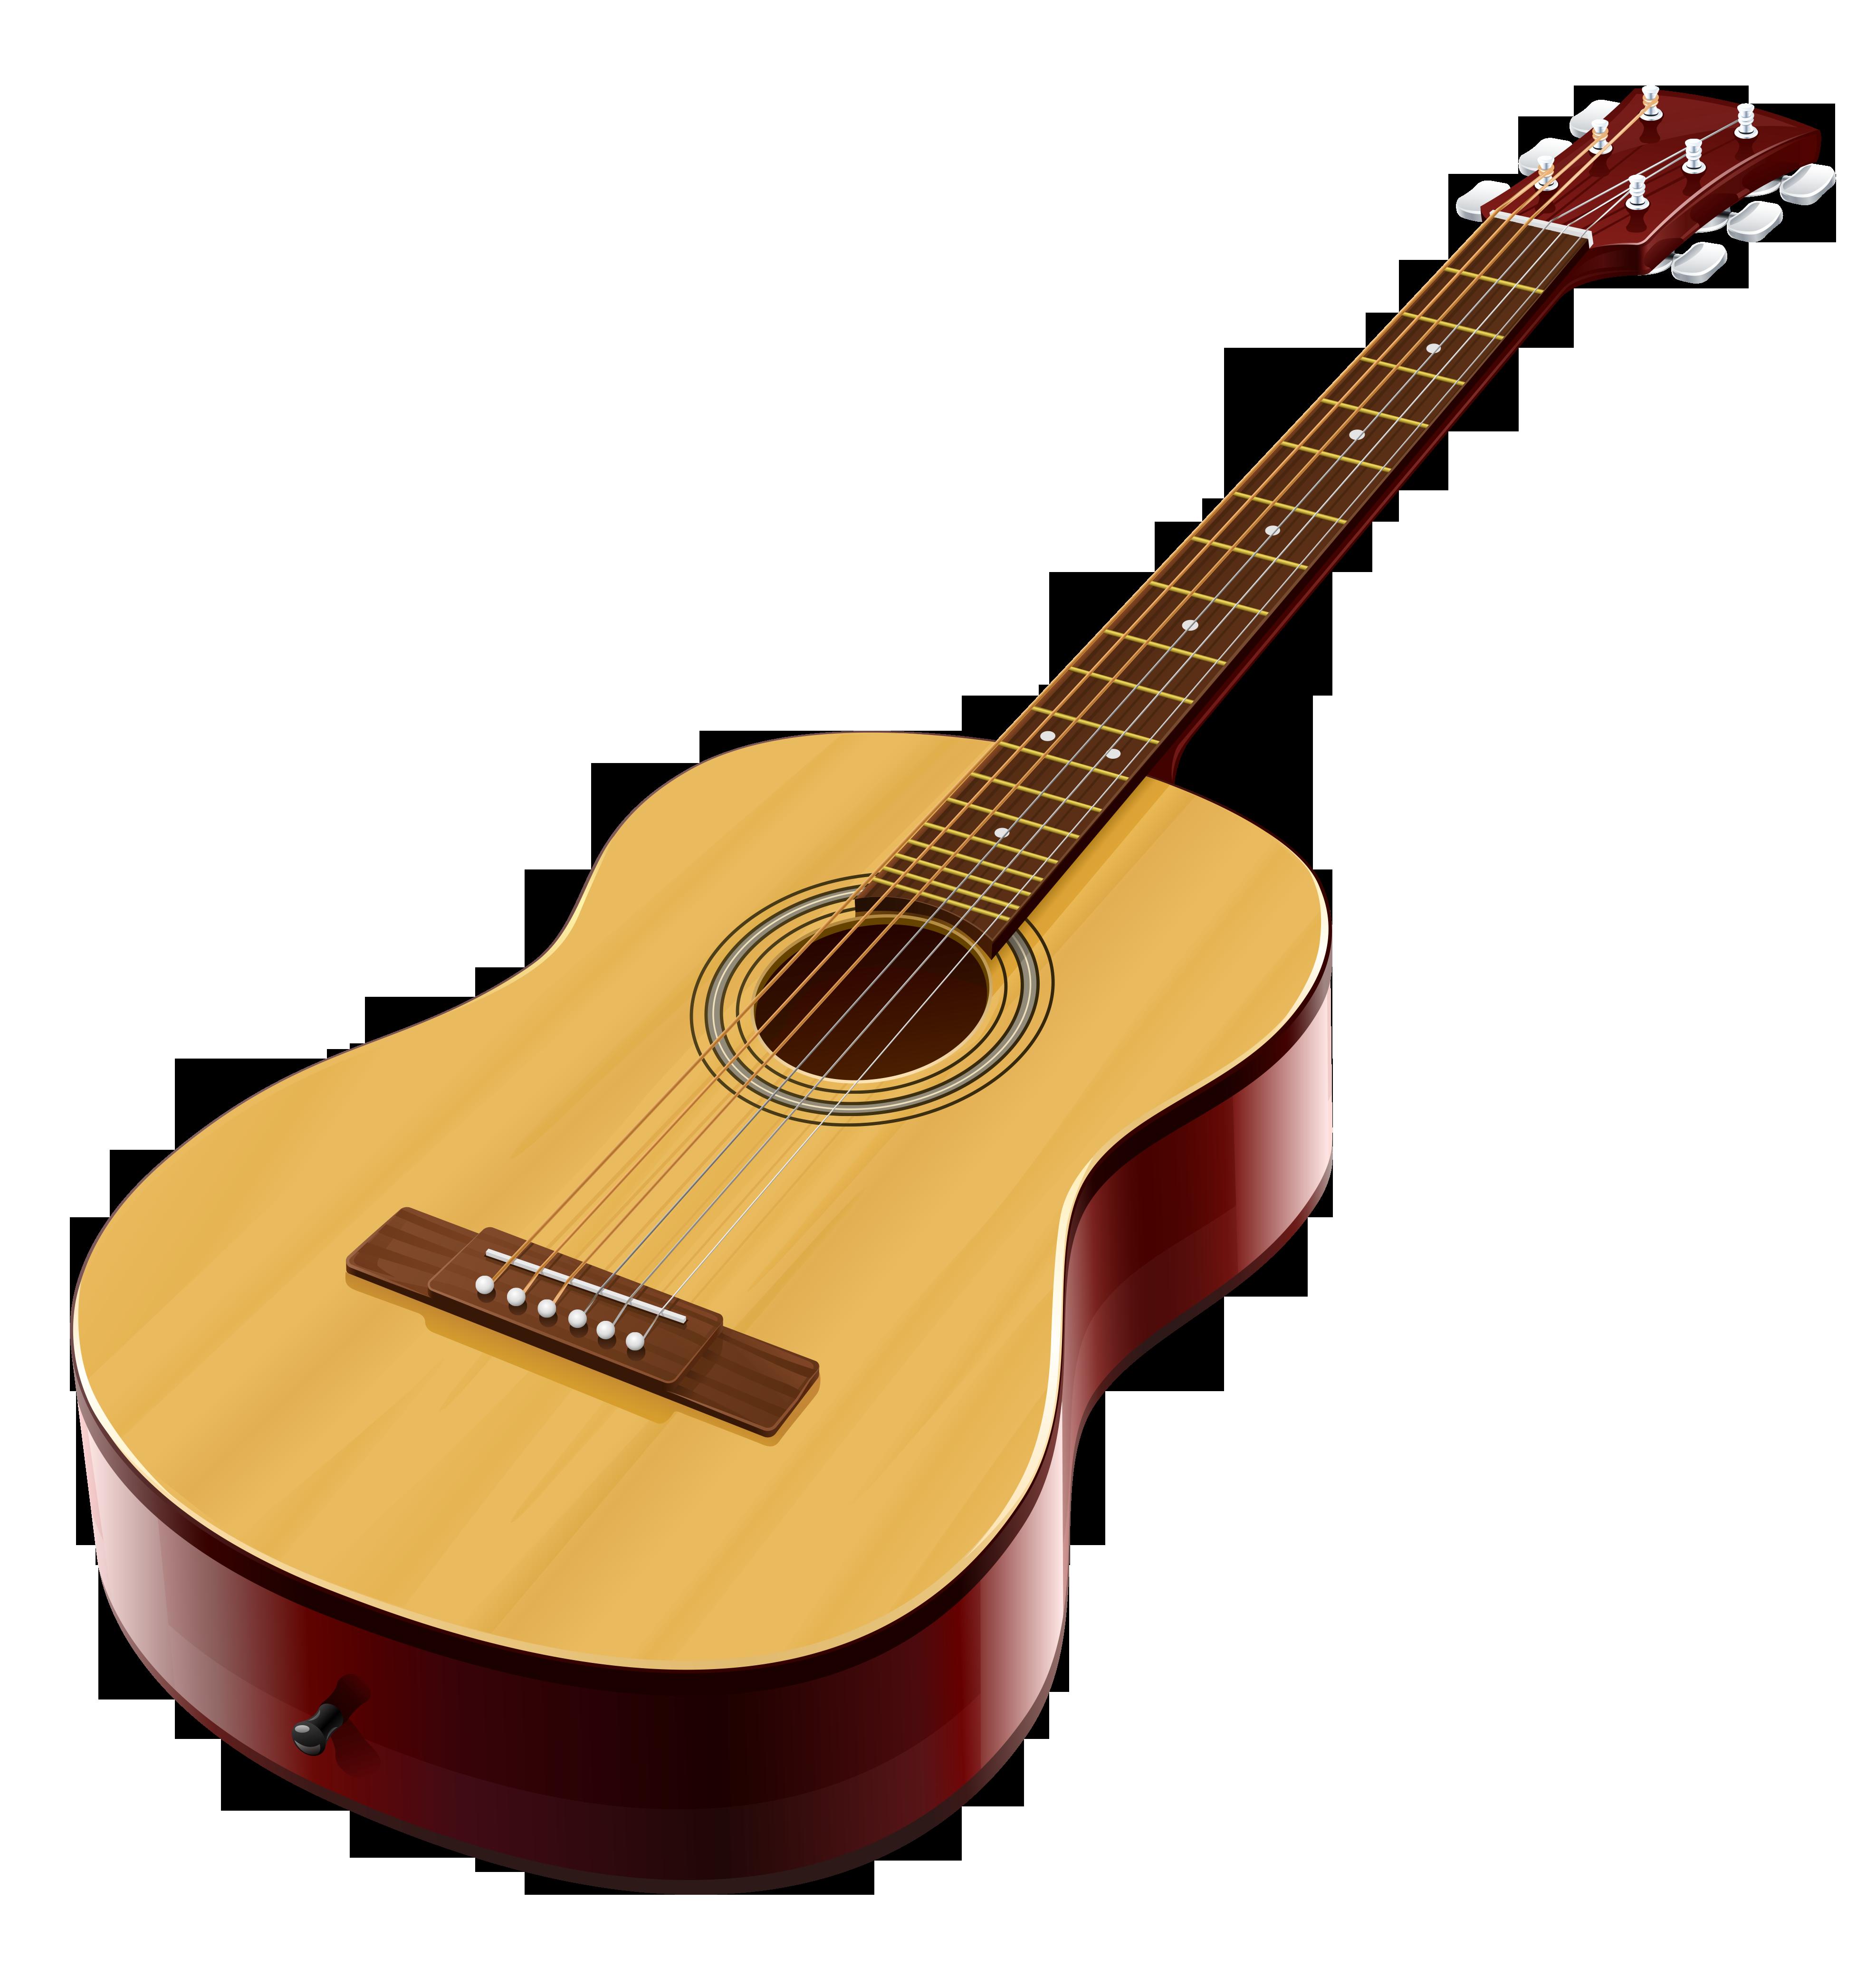 Guitar Musical instrument Clip art.